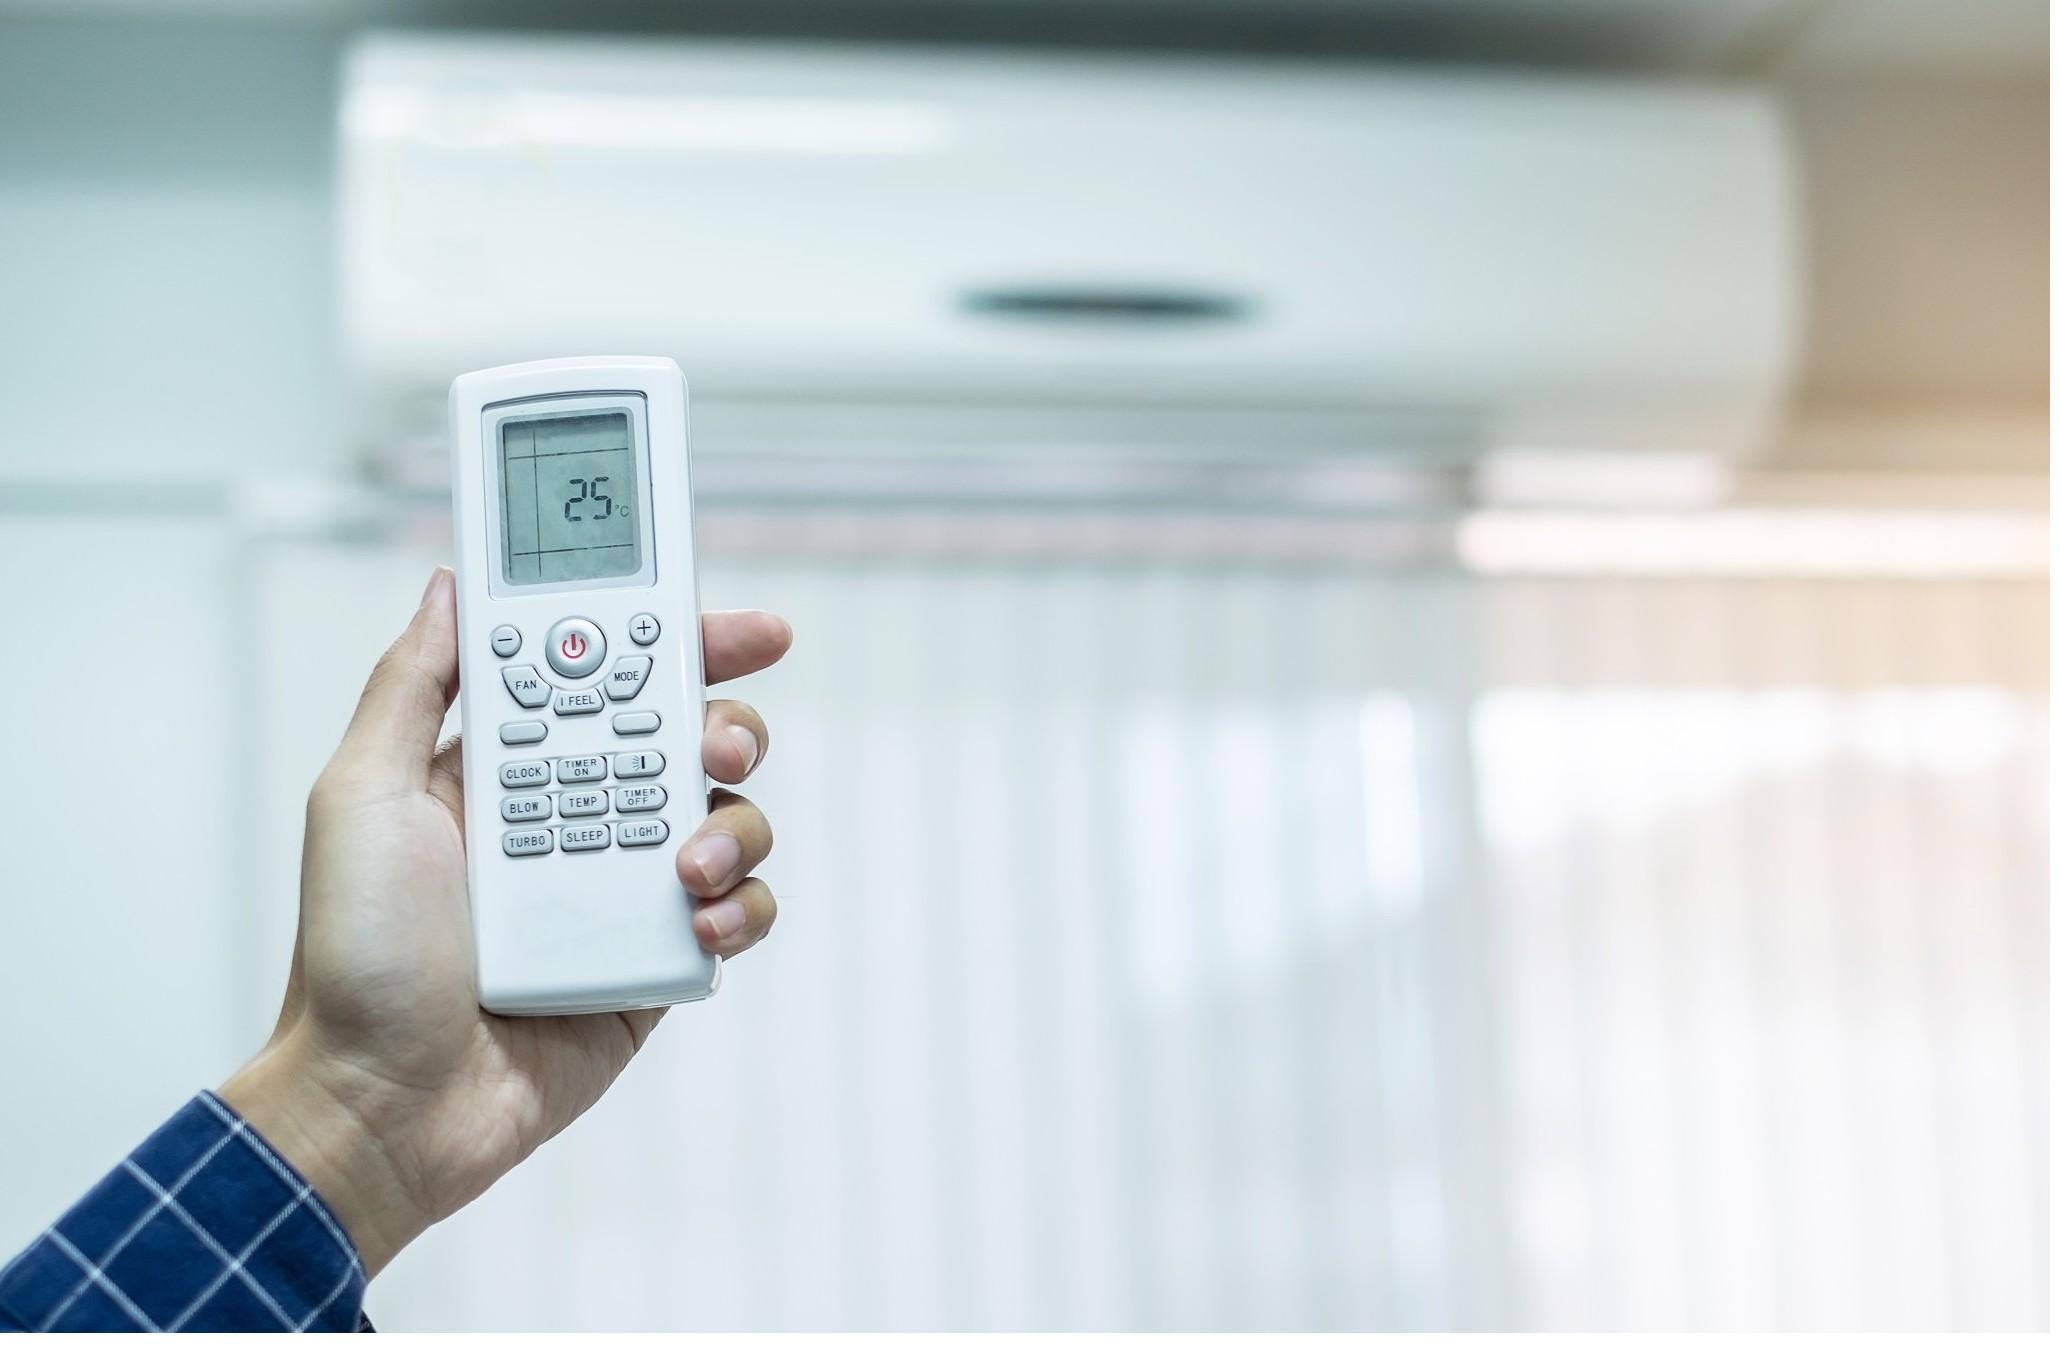 Installazione condizionatori in casa in affitto leggi e normative attuali 2020